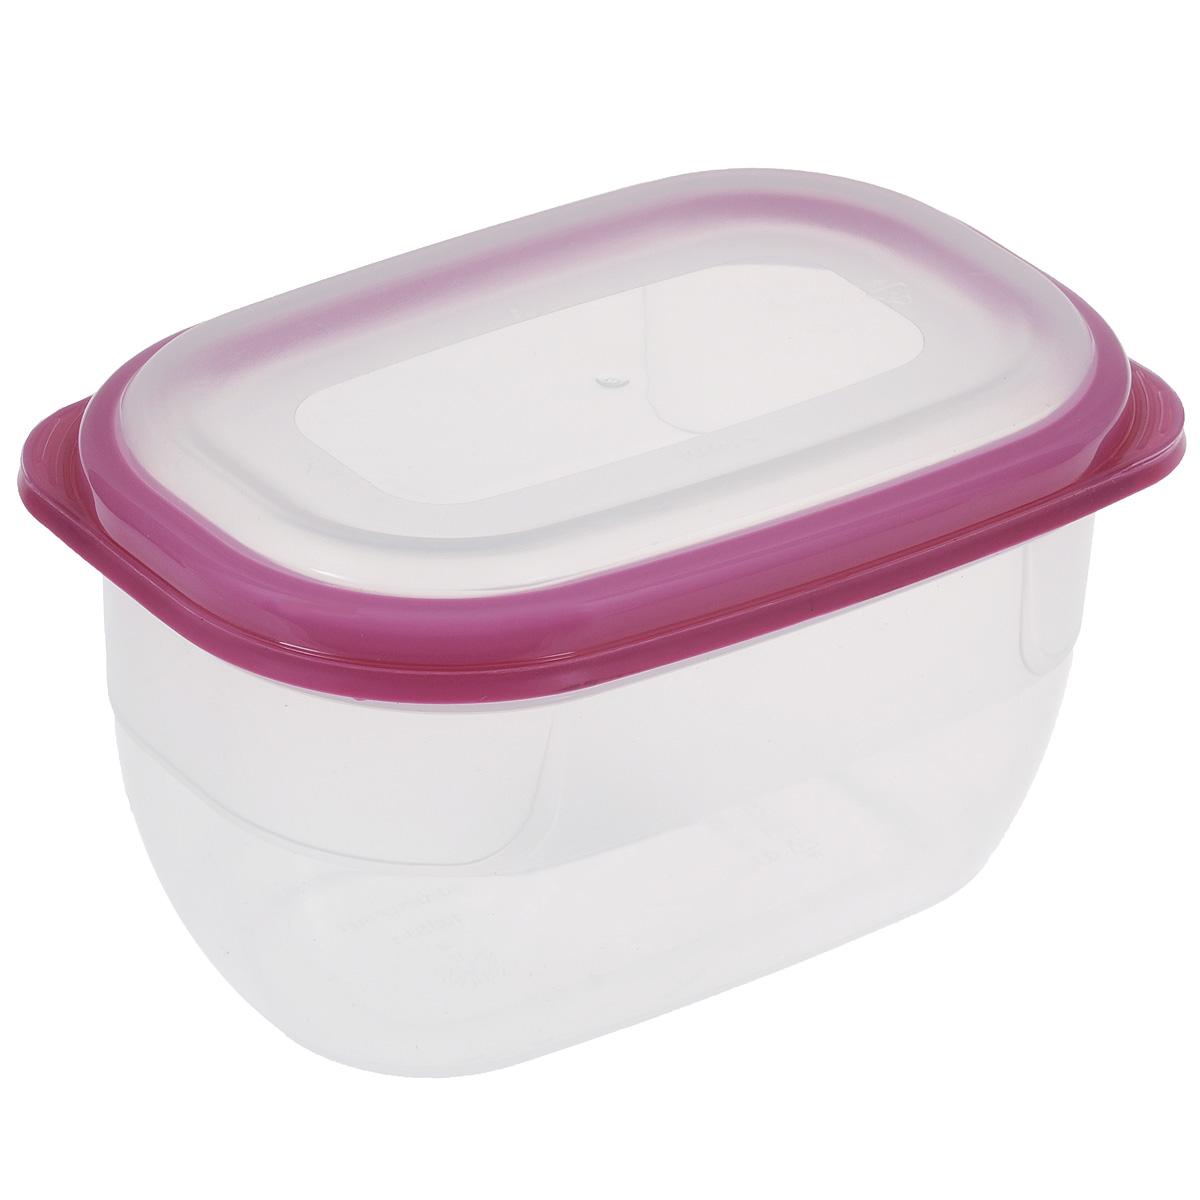 Контейнер для СВЧ Полимербыт Премиум, цвет: прозрачный, розовый, 750 мл21395599Контейнер Полимербыт Премиум прямоугольной формы, изготовленный из прочного пластика, предназначен специально для хранения пищевых продуктов. Крышка легко открывается и плотно закрывается.Контейнер устойчив к воздействию масел и жиров, легко моется. Прозрачные стенки позволяют видеть содержимое. Контейнер имеет возможность хранения продуктов глубокой заморозки, обладает высокой прочностью. Можно мыть в посудомоечной машине.Контейнер подходит для использования в микроволновой печи без крышки, а также для заморозки в морозильной камере.